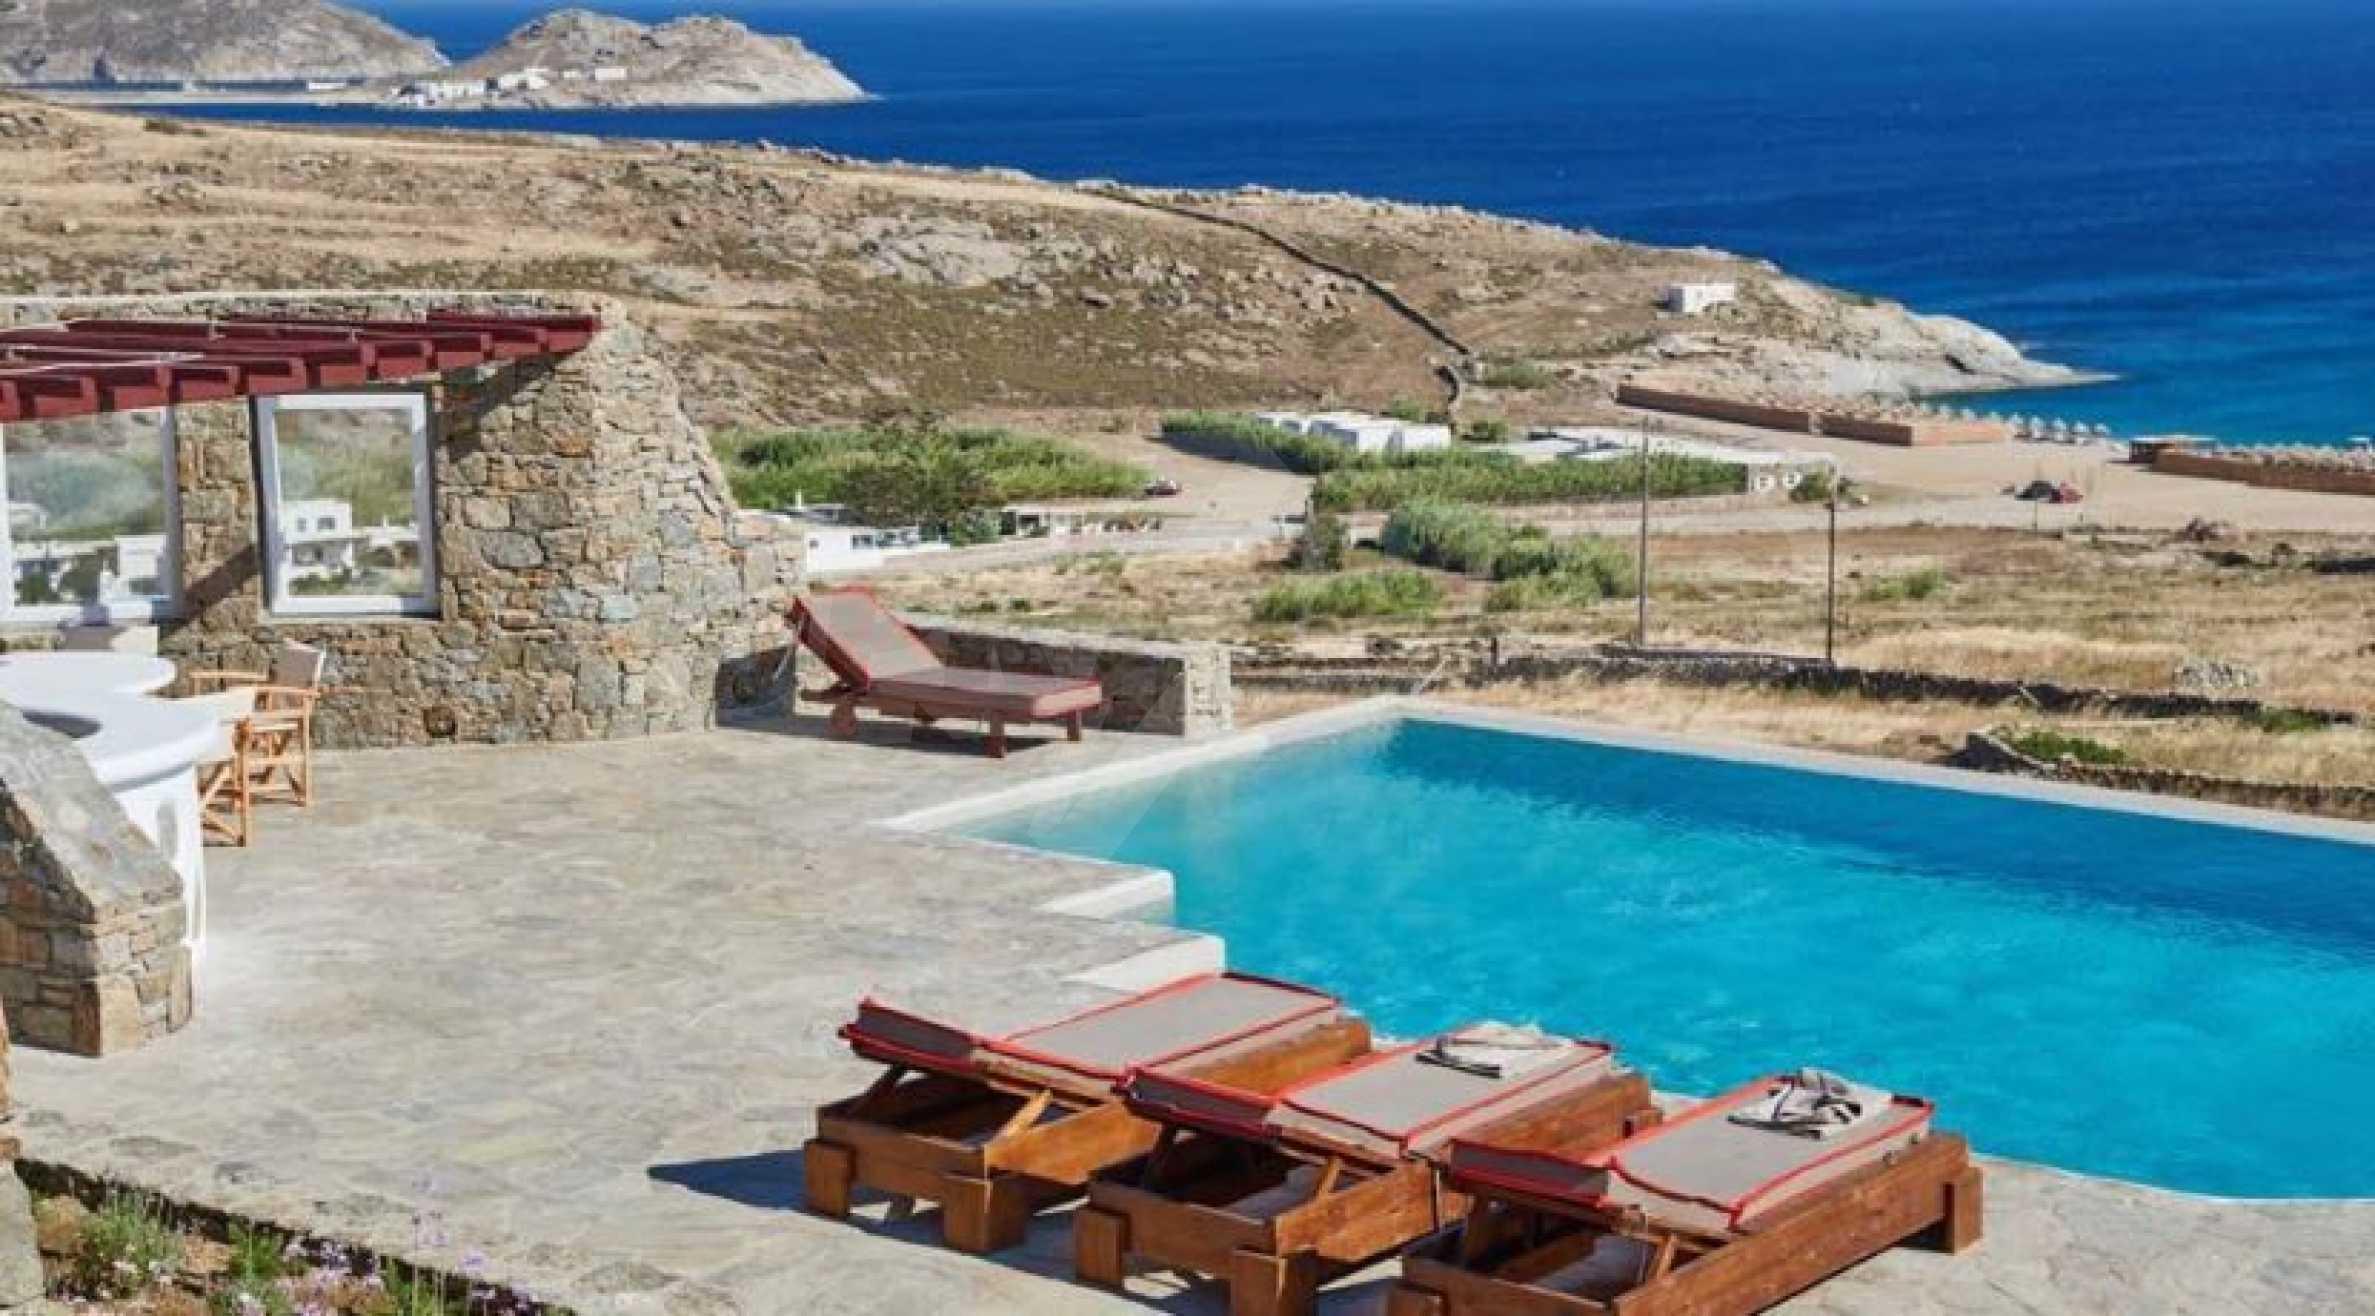 Разкошна вила на топ световна дестинация, остров Миконос 3